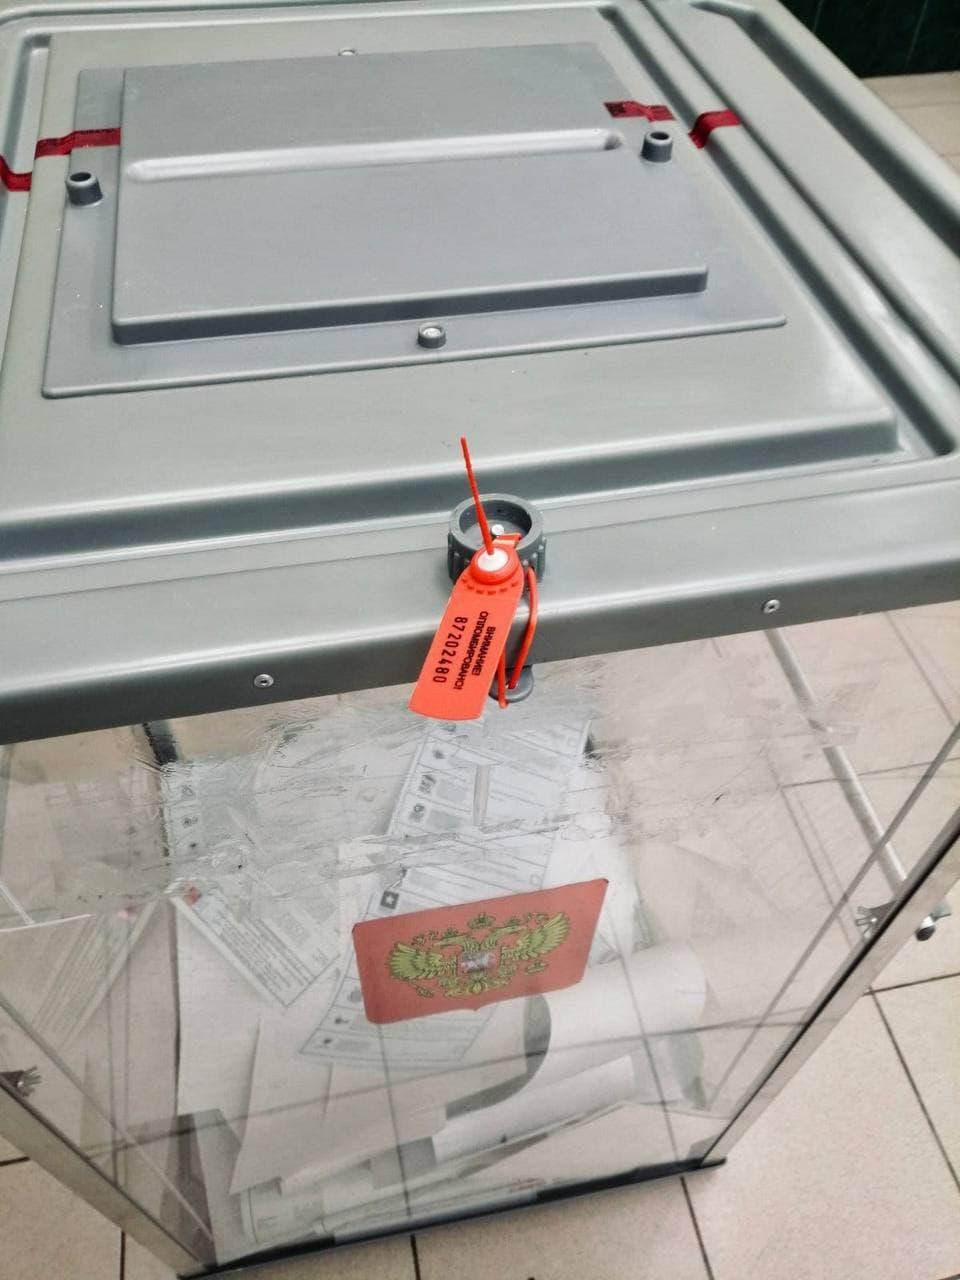 Нарушений нет: опечатывание ящика исключает возможность несанкционированного доступа к бюллетеням - сообщили в Штабе общественного наблюдения